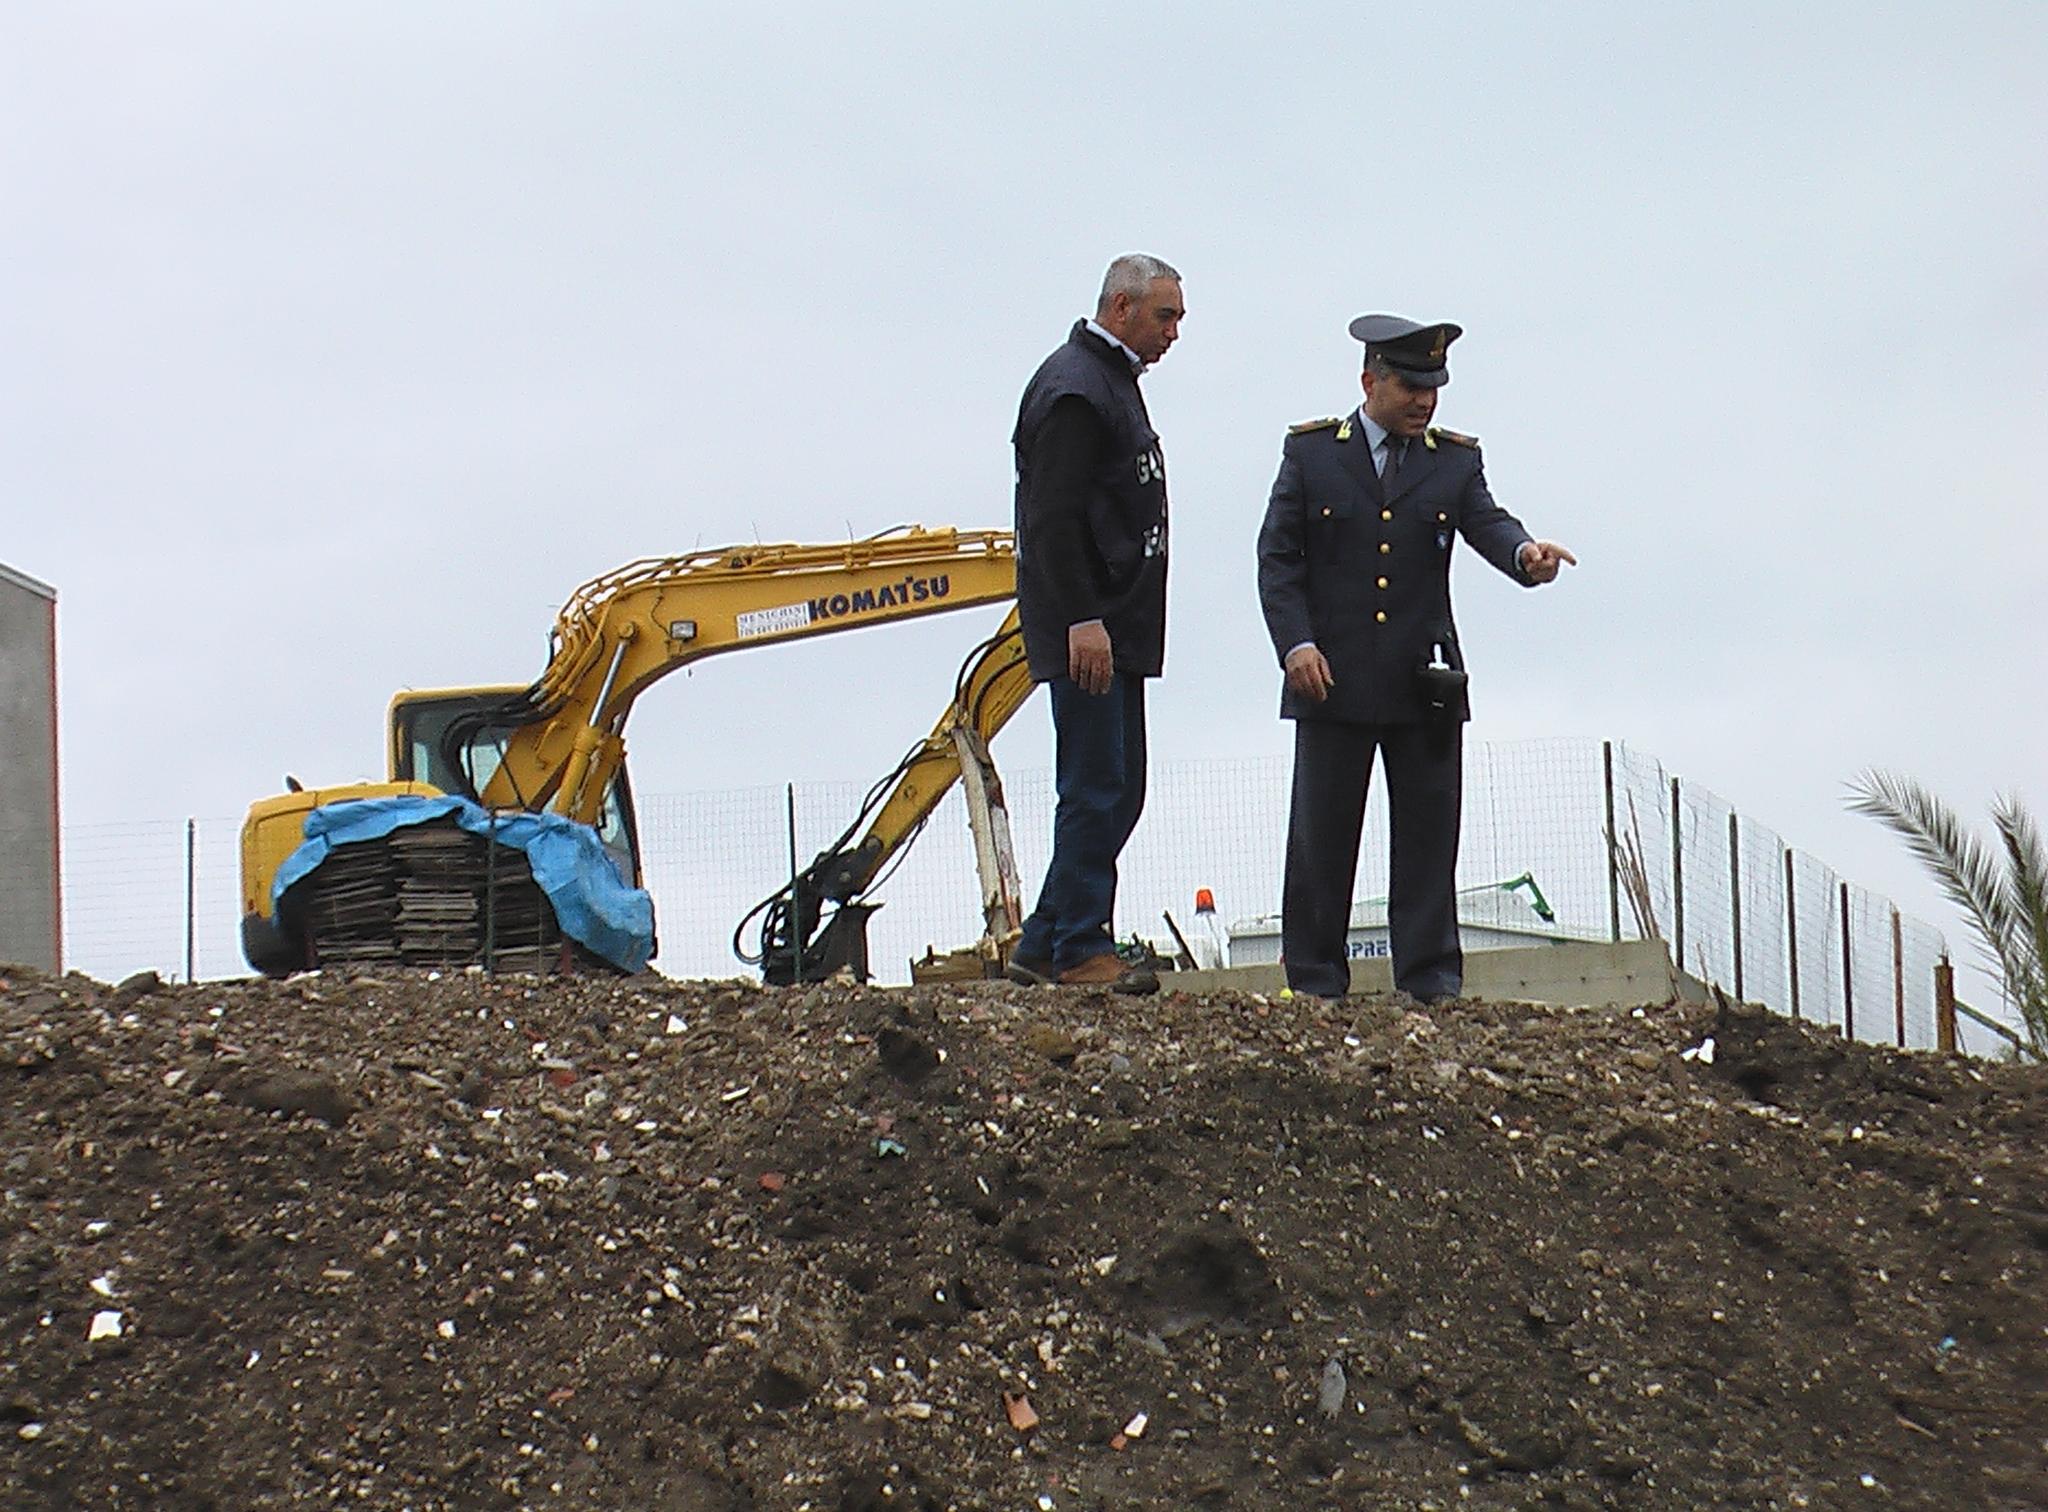 Operazione Guardia di Finanza di Capua, 11 febbraio 2014 Calvi Risorta, Caserta